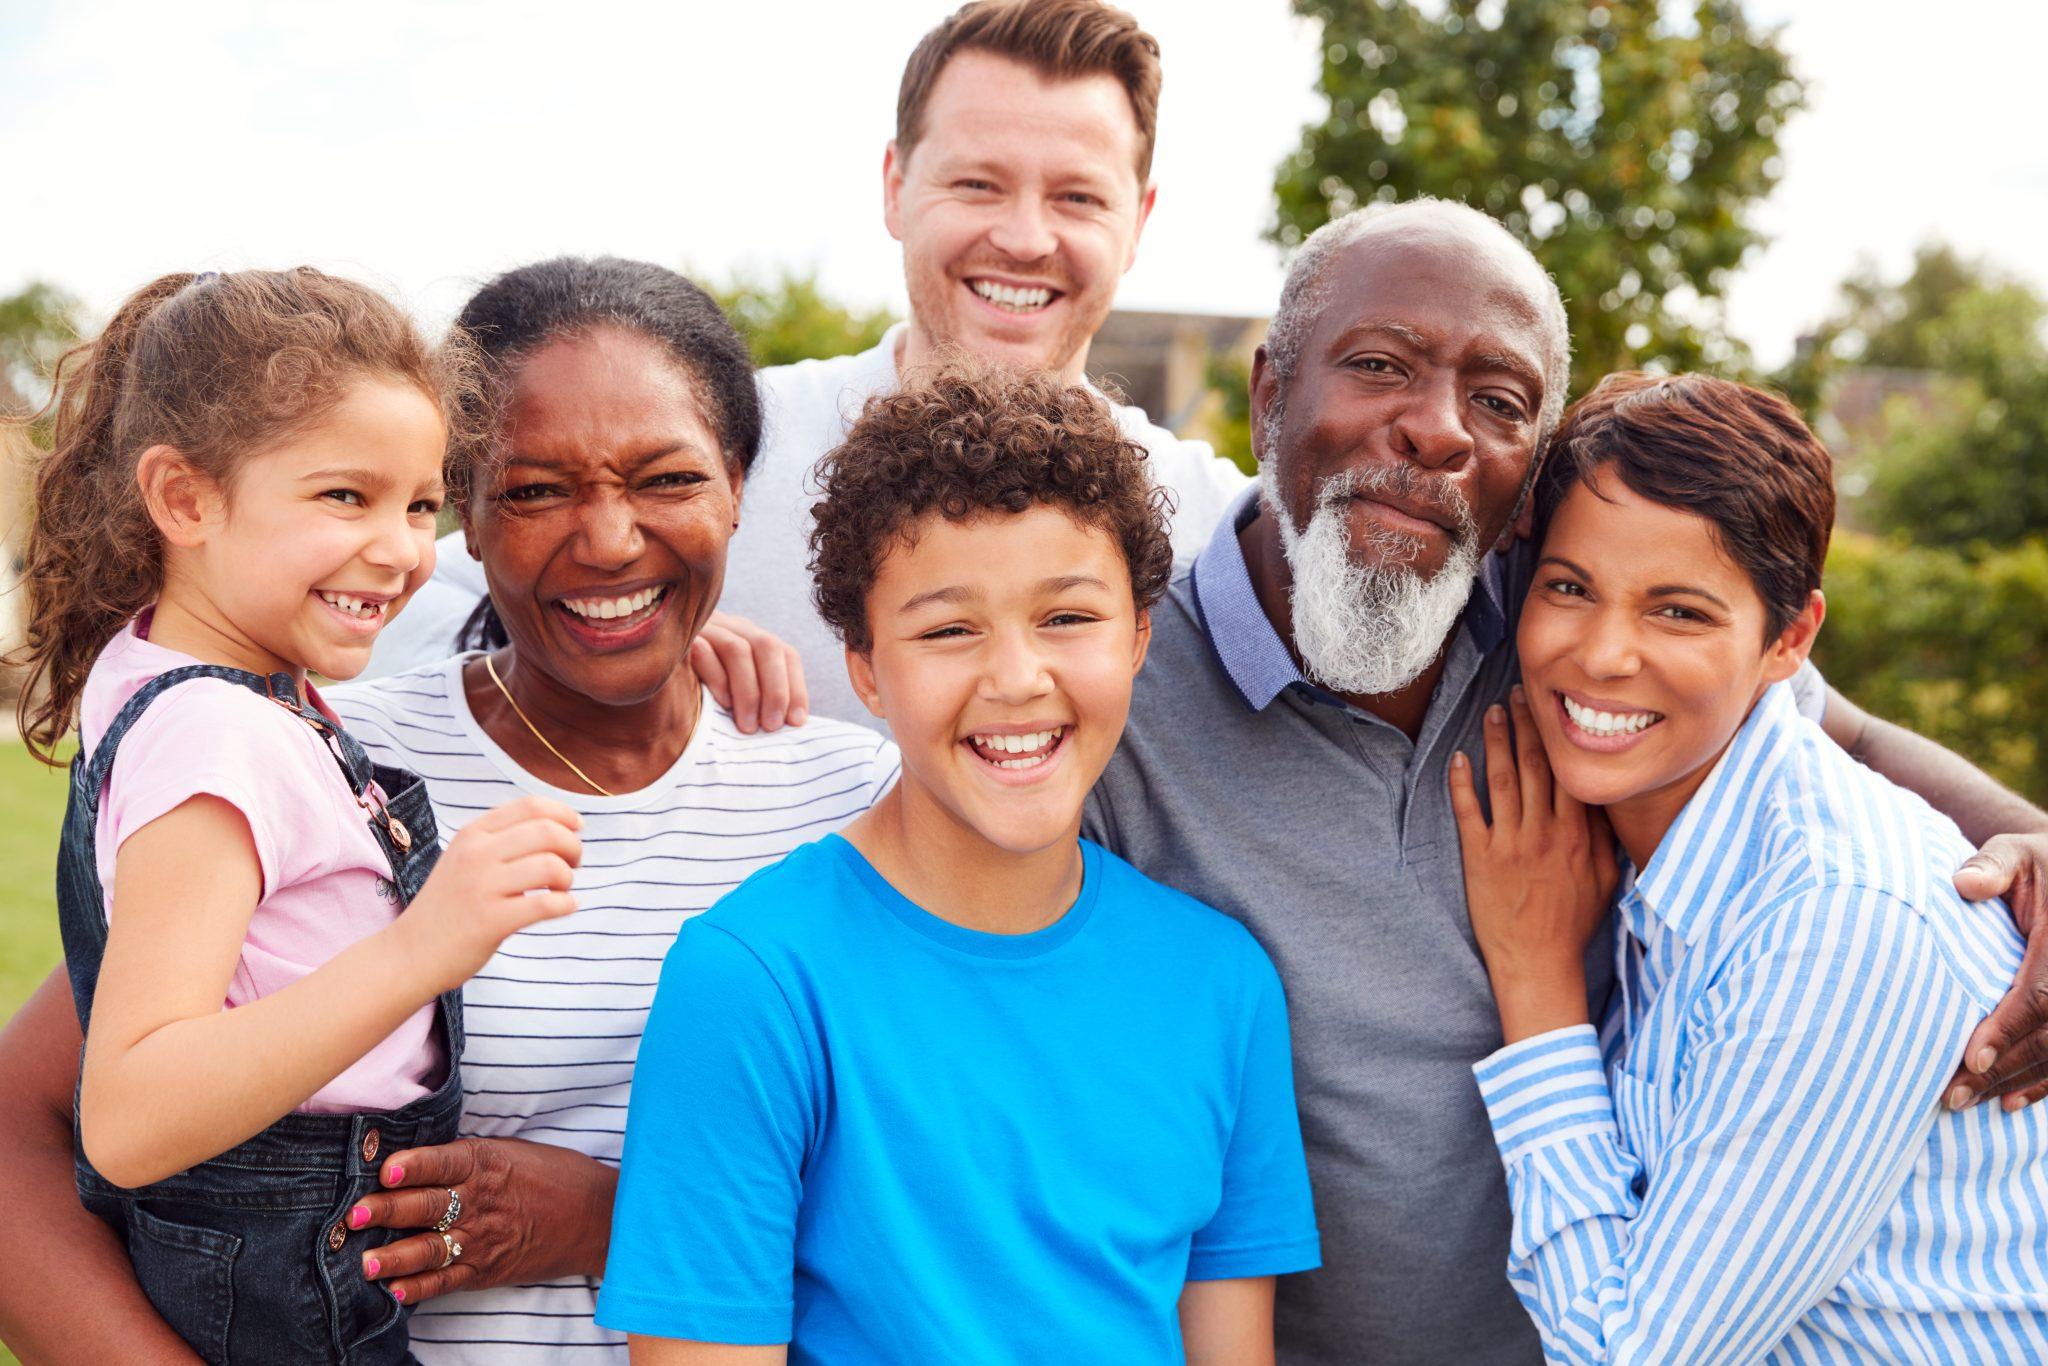 A biracial family